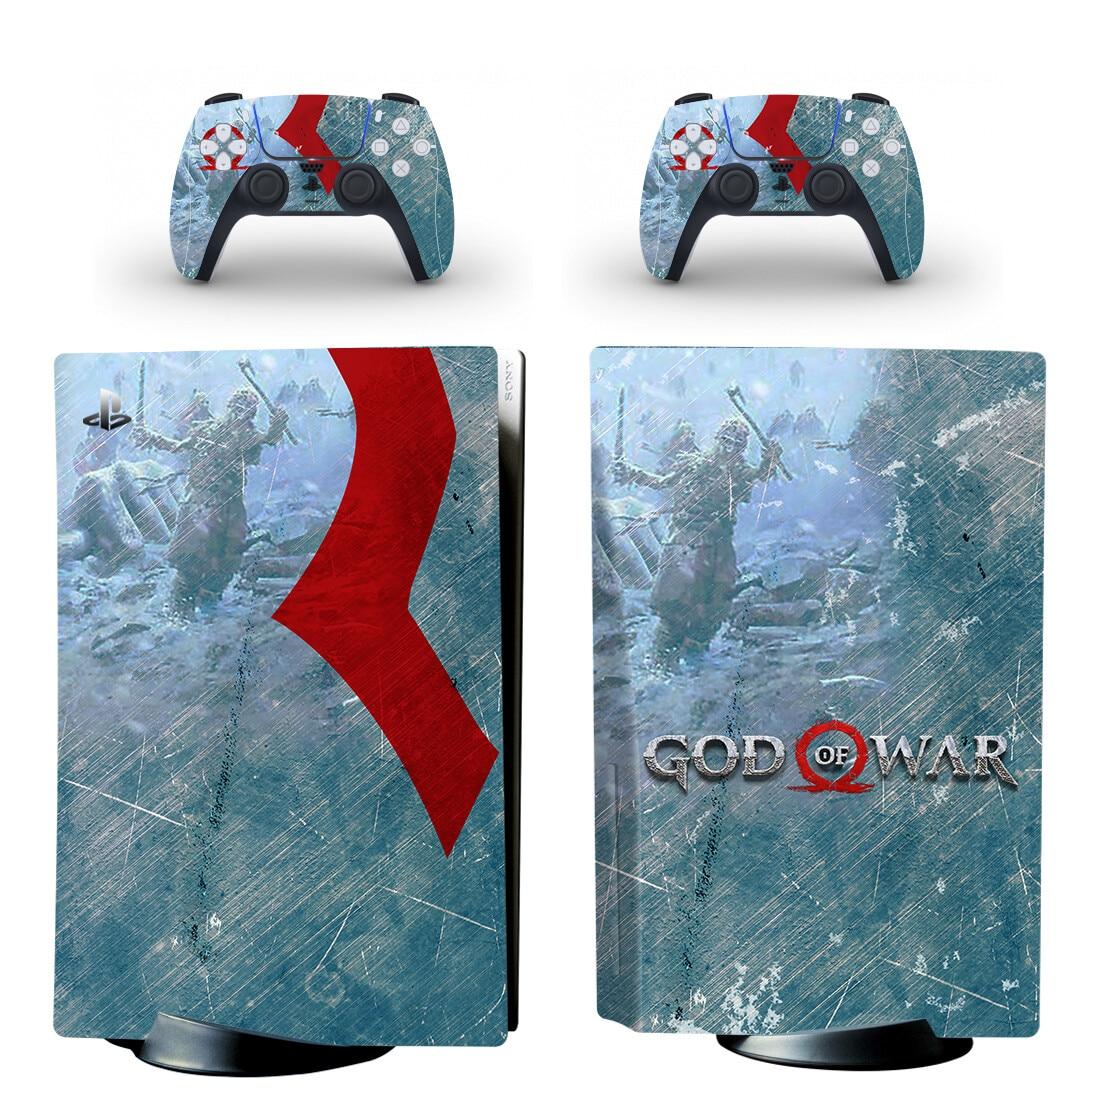 إله الحرب PS5 القرص طبعة الجلد ملصق مائي غطاء ل بلاي ستيشن 5 وحدة التحكم و تحكم PS5 القرص الجلد ملصق الفينيل